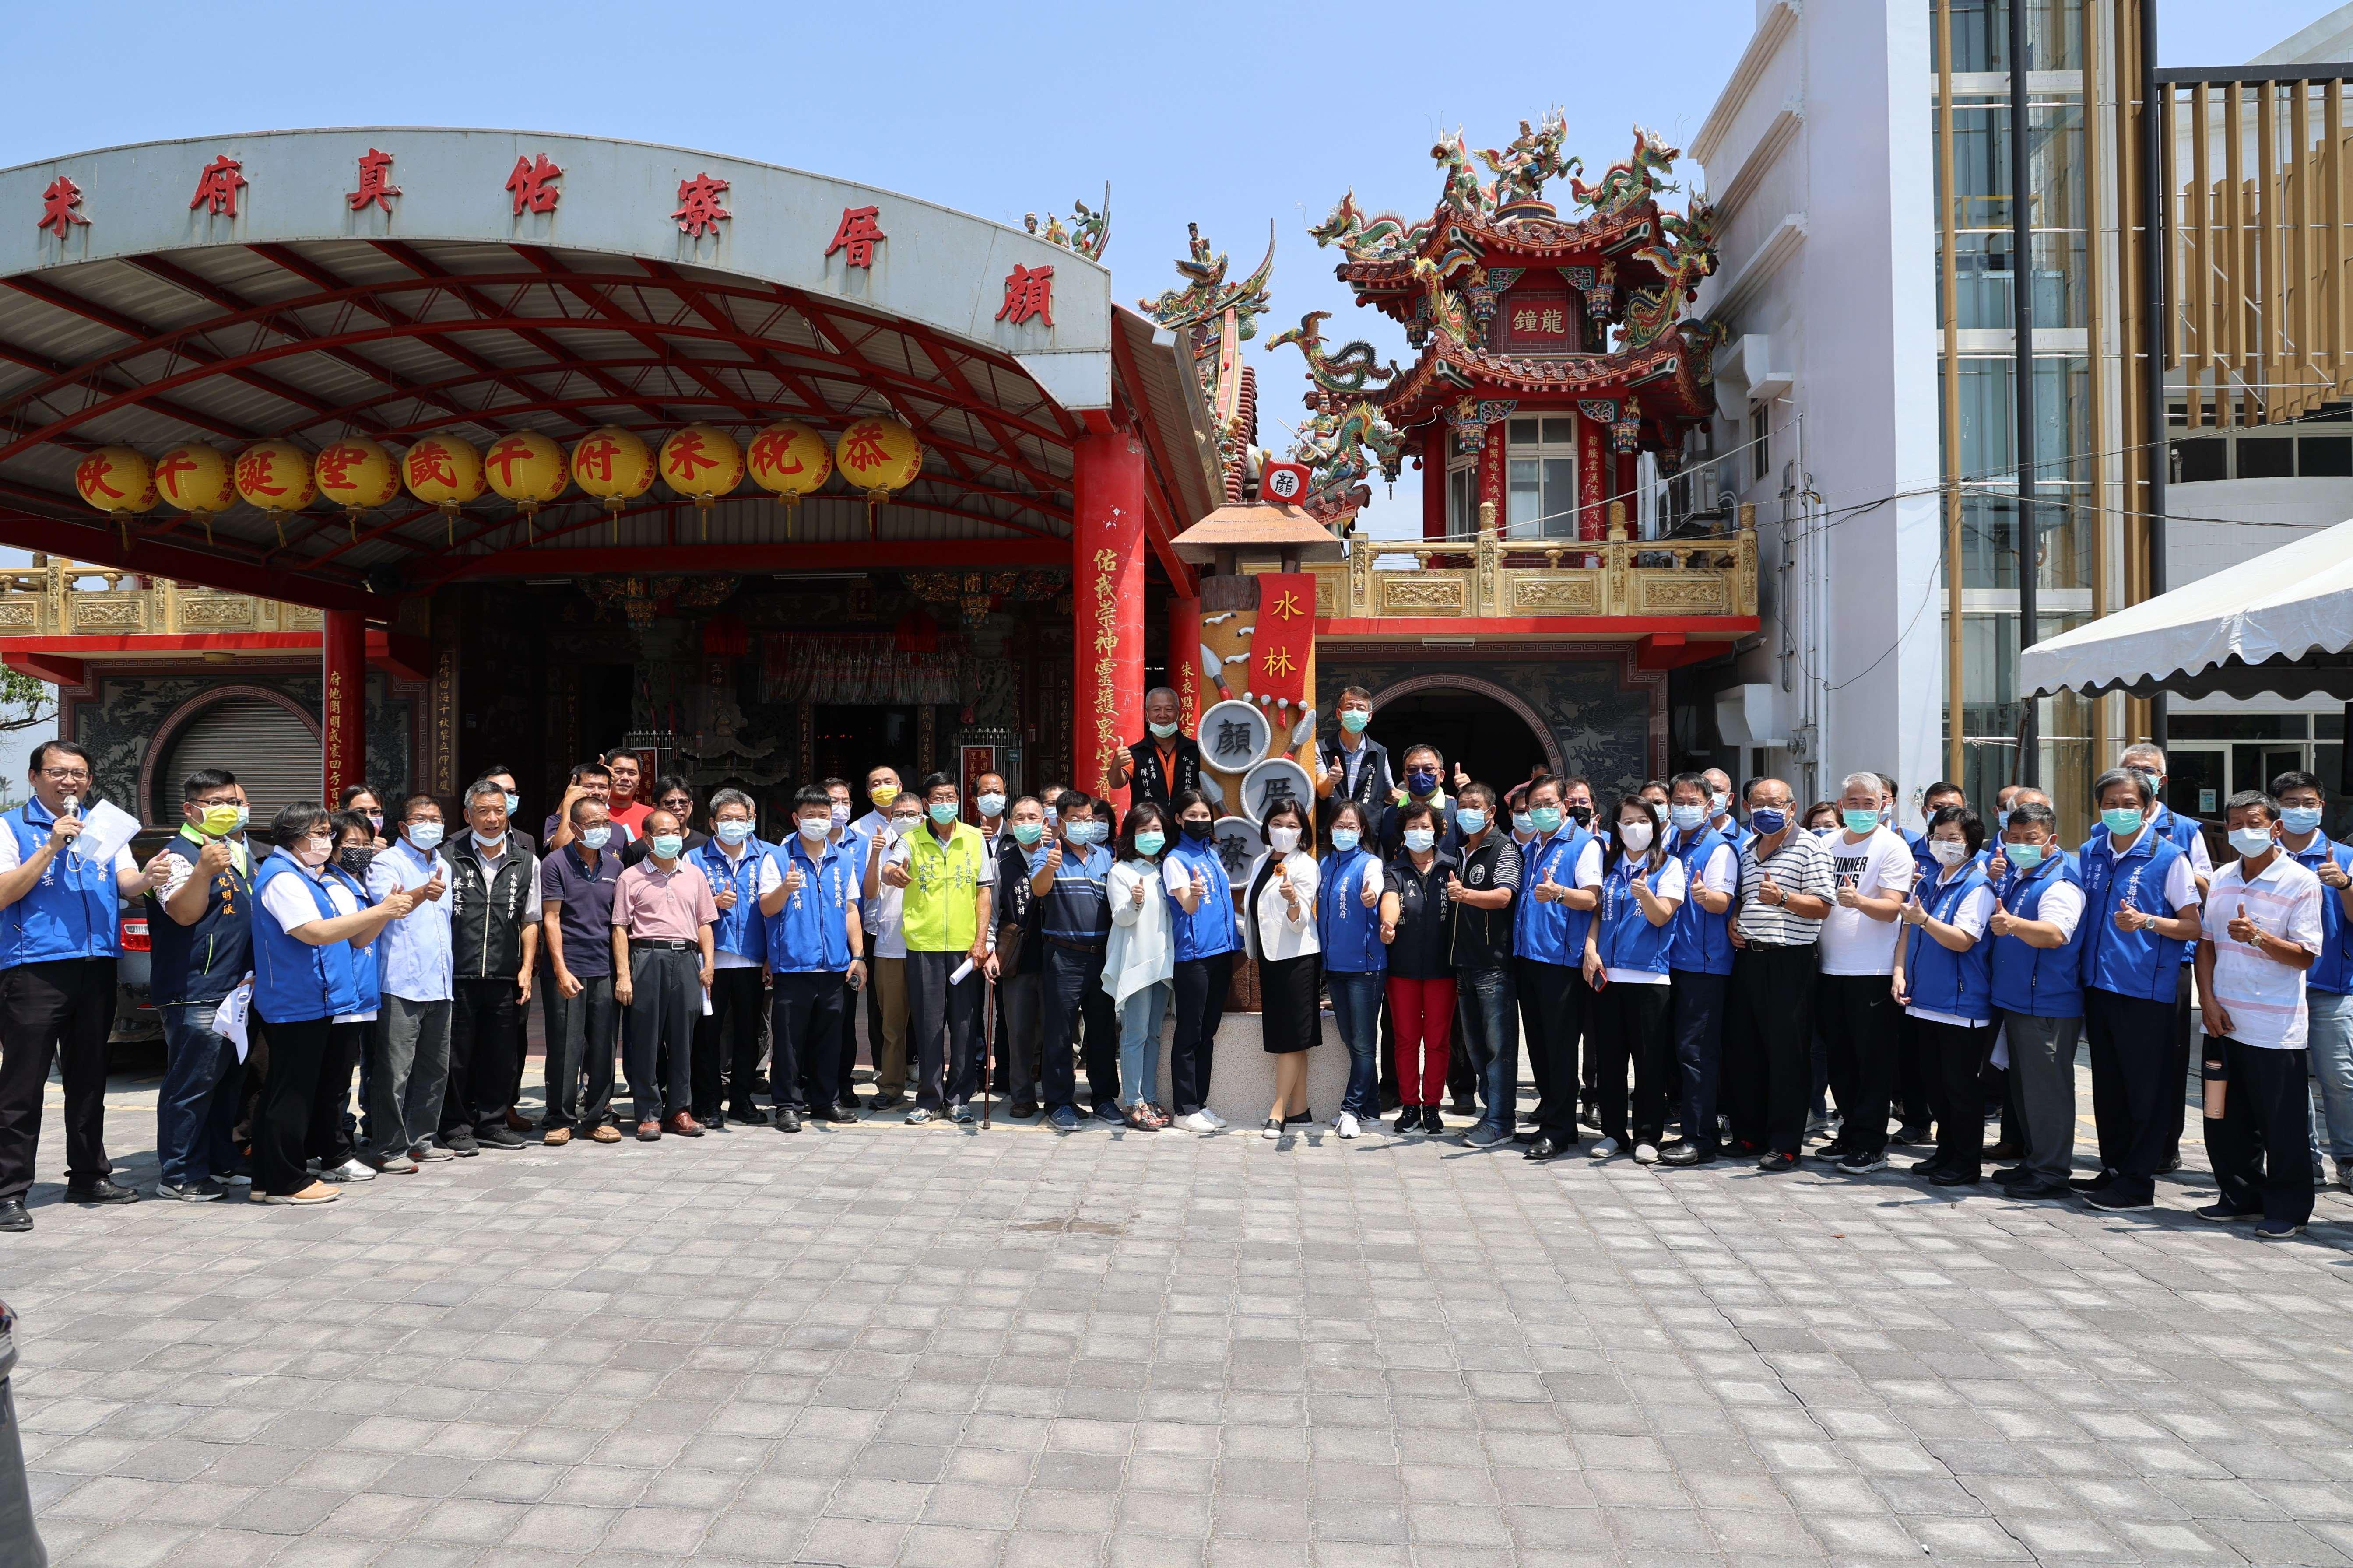 縣府行動主管會報移師水林 為顏思齊開台四百年紀念活動熱身